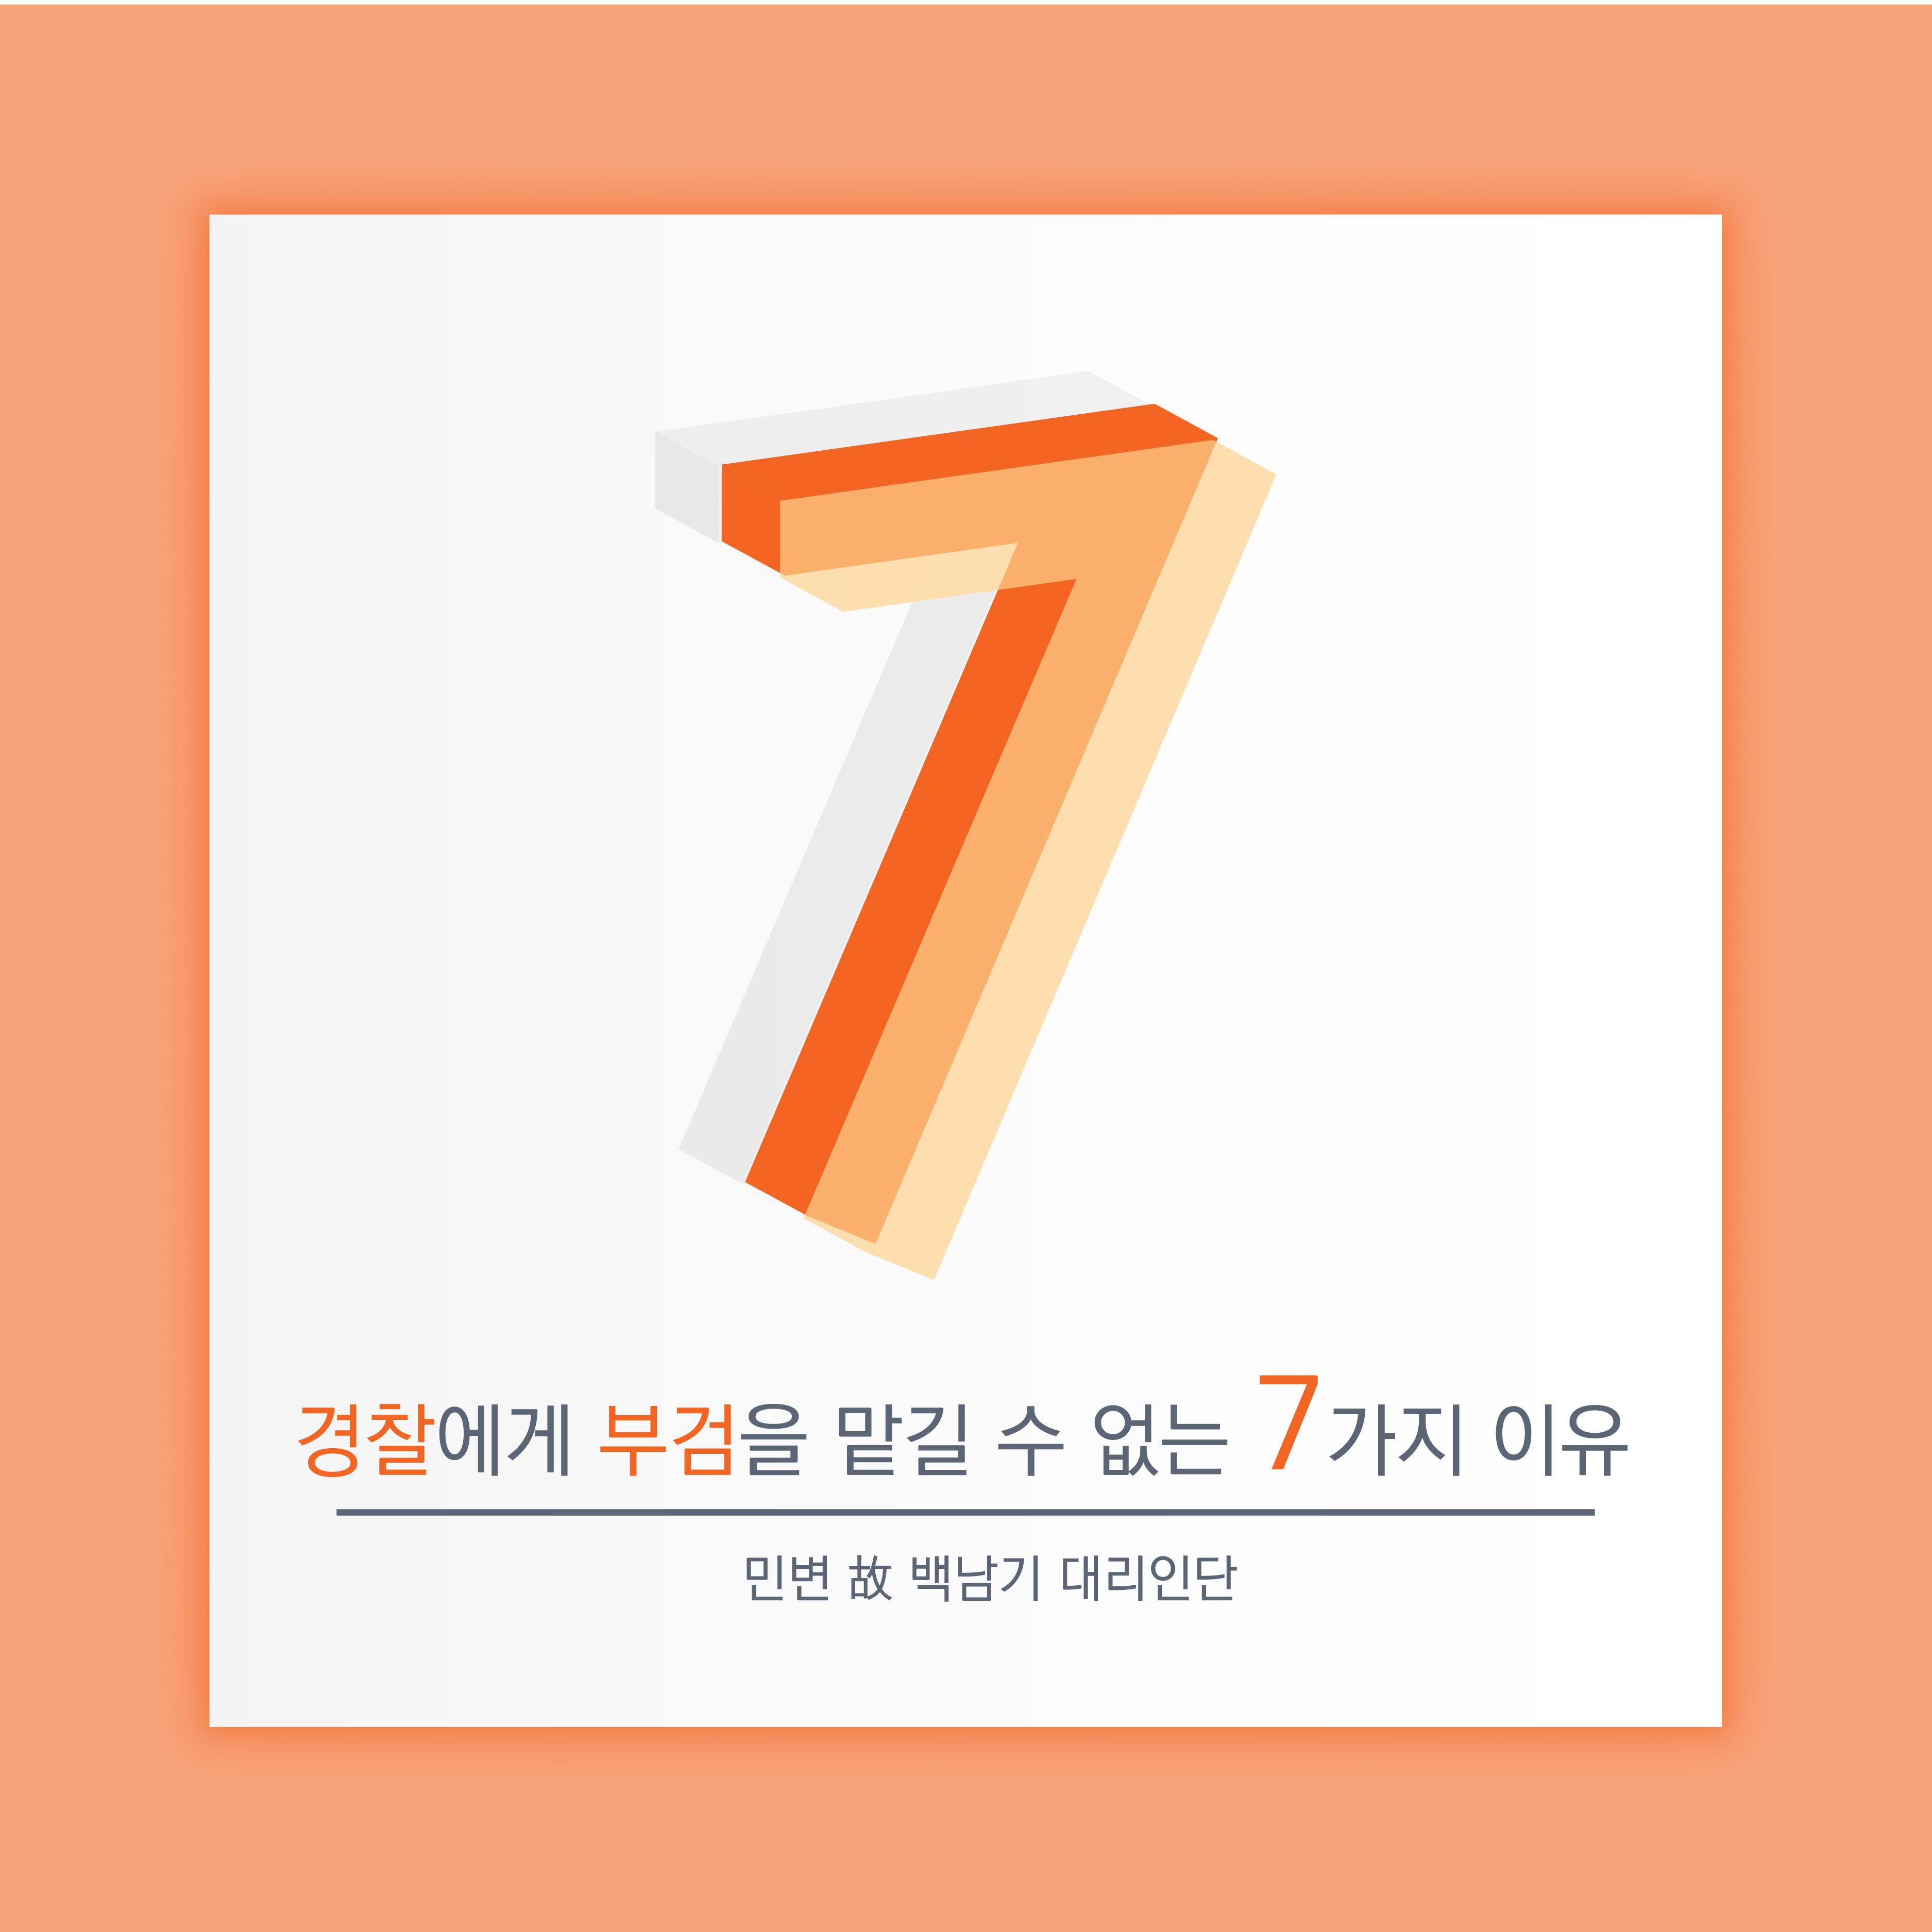 백남기 카드뉴스-01